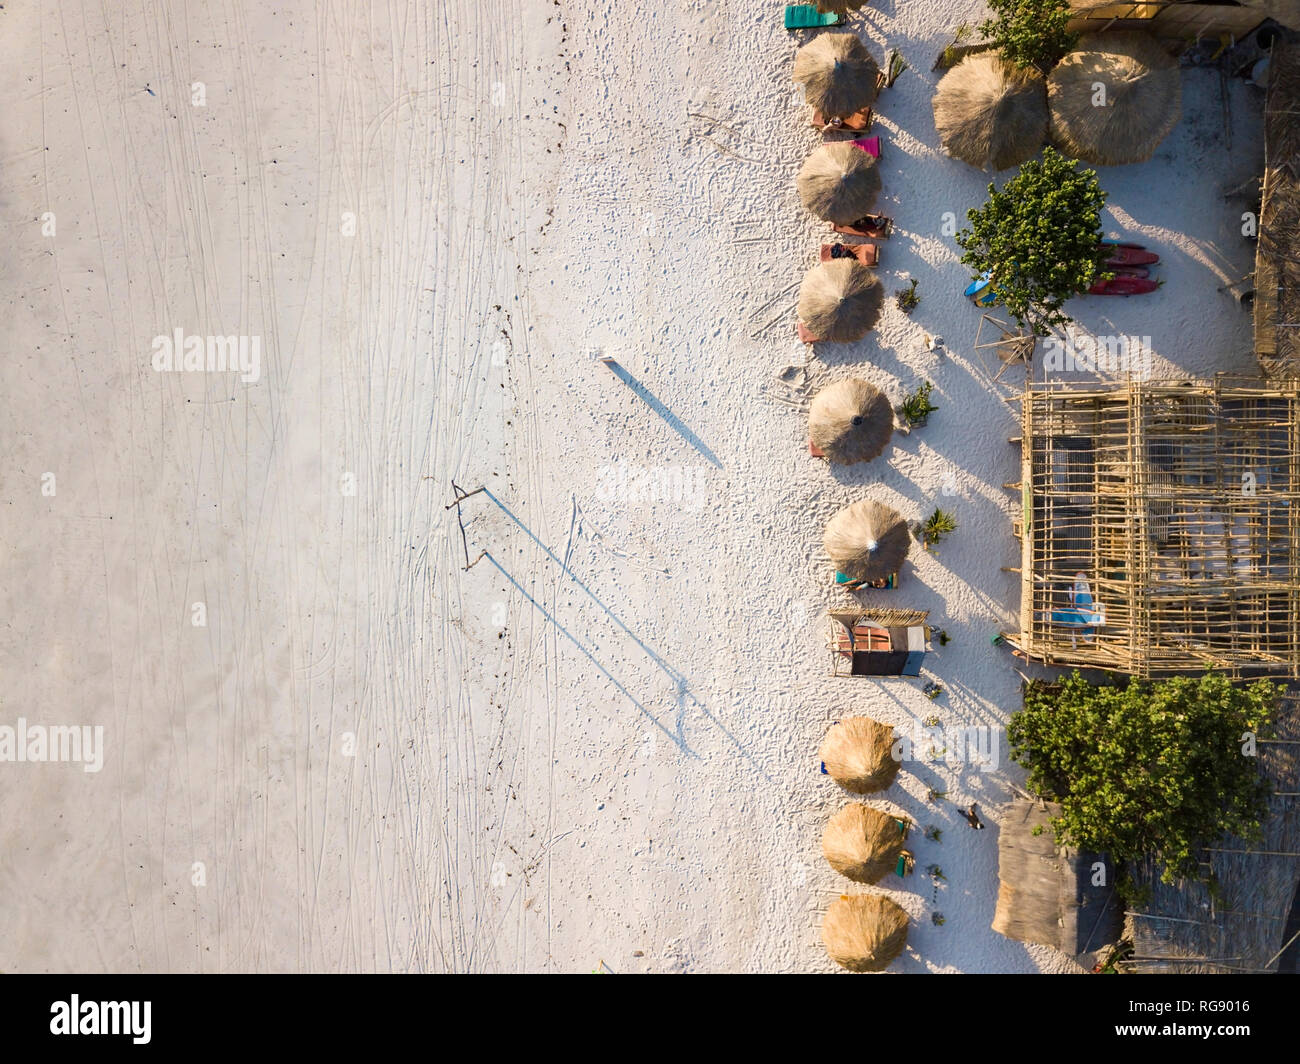 Indonesien, Lombok, Luftaufnahme von Tanjung Aan Strand, Stroh Sonnenschirme von oben Stockbild